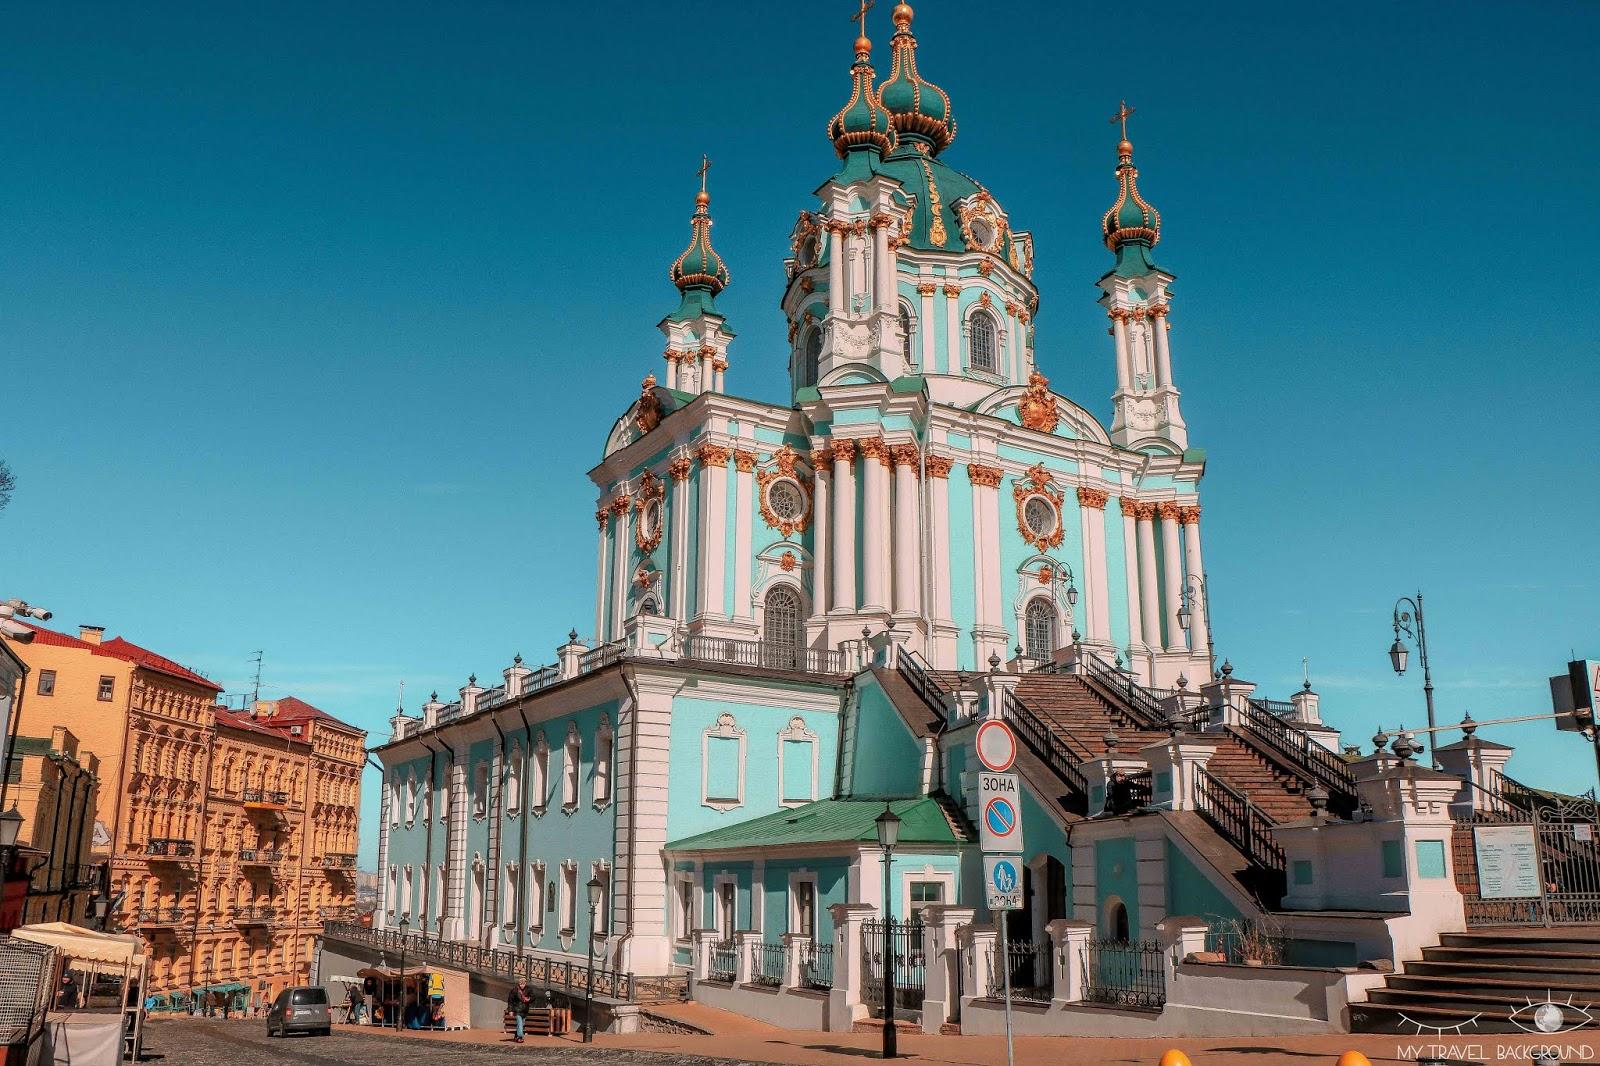 My Travel Background : visiter Kiev, la capitale de l'Ukraine, top 10 - Cathédrale Saint-André